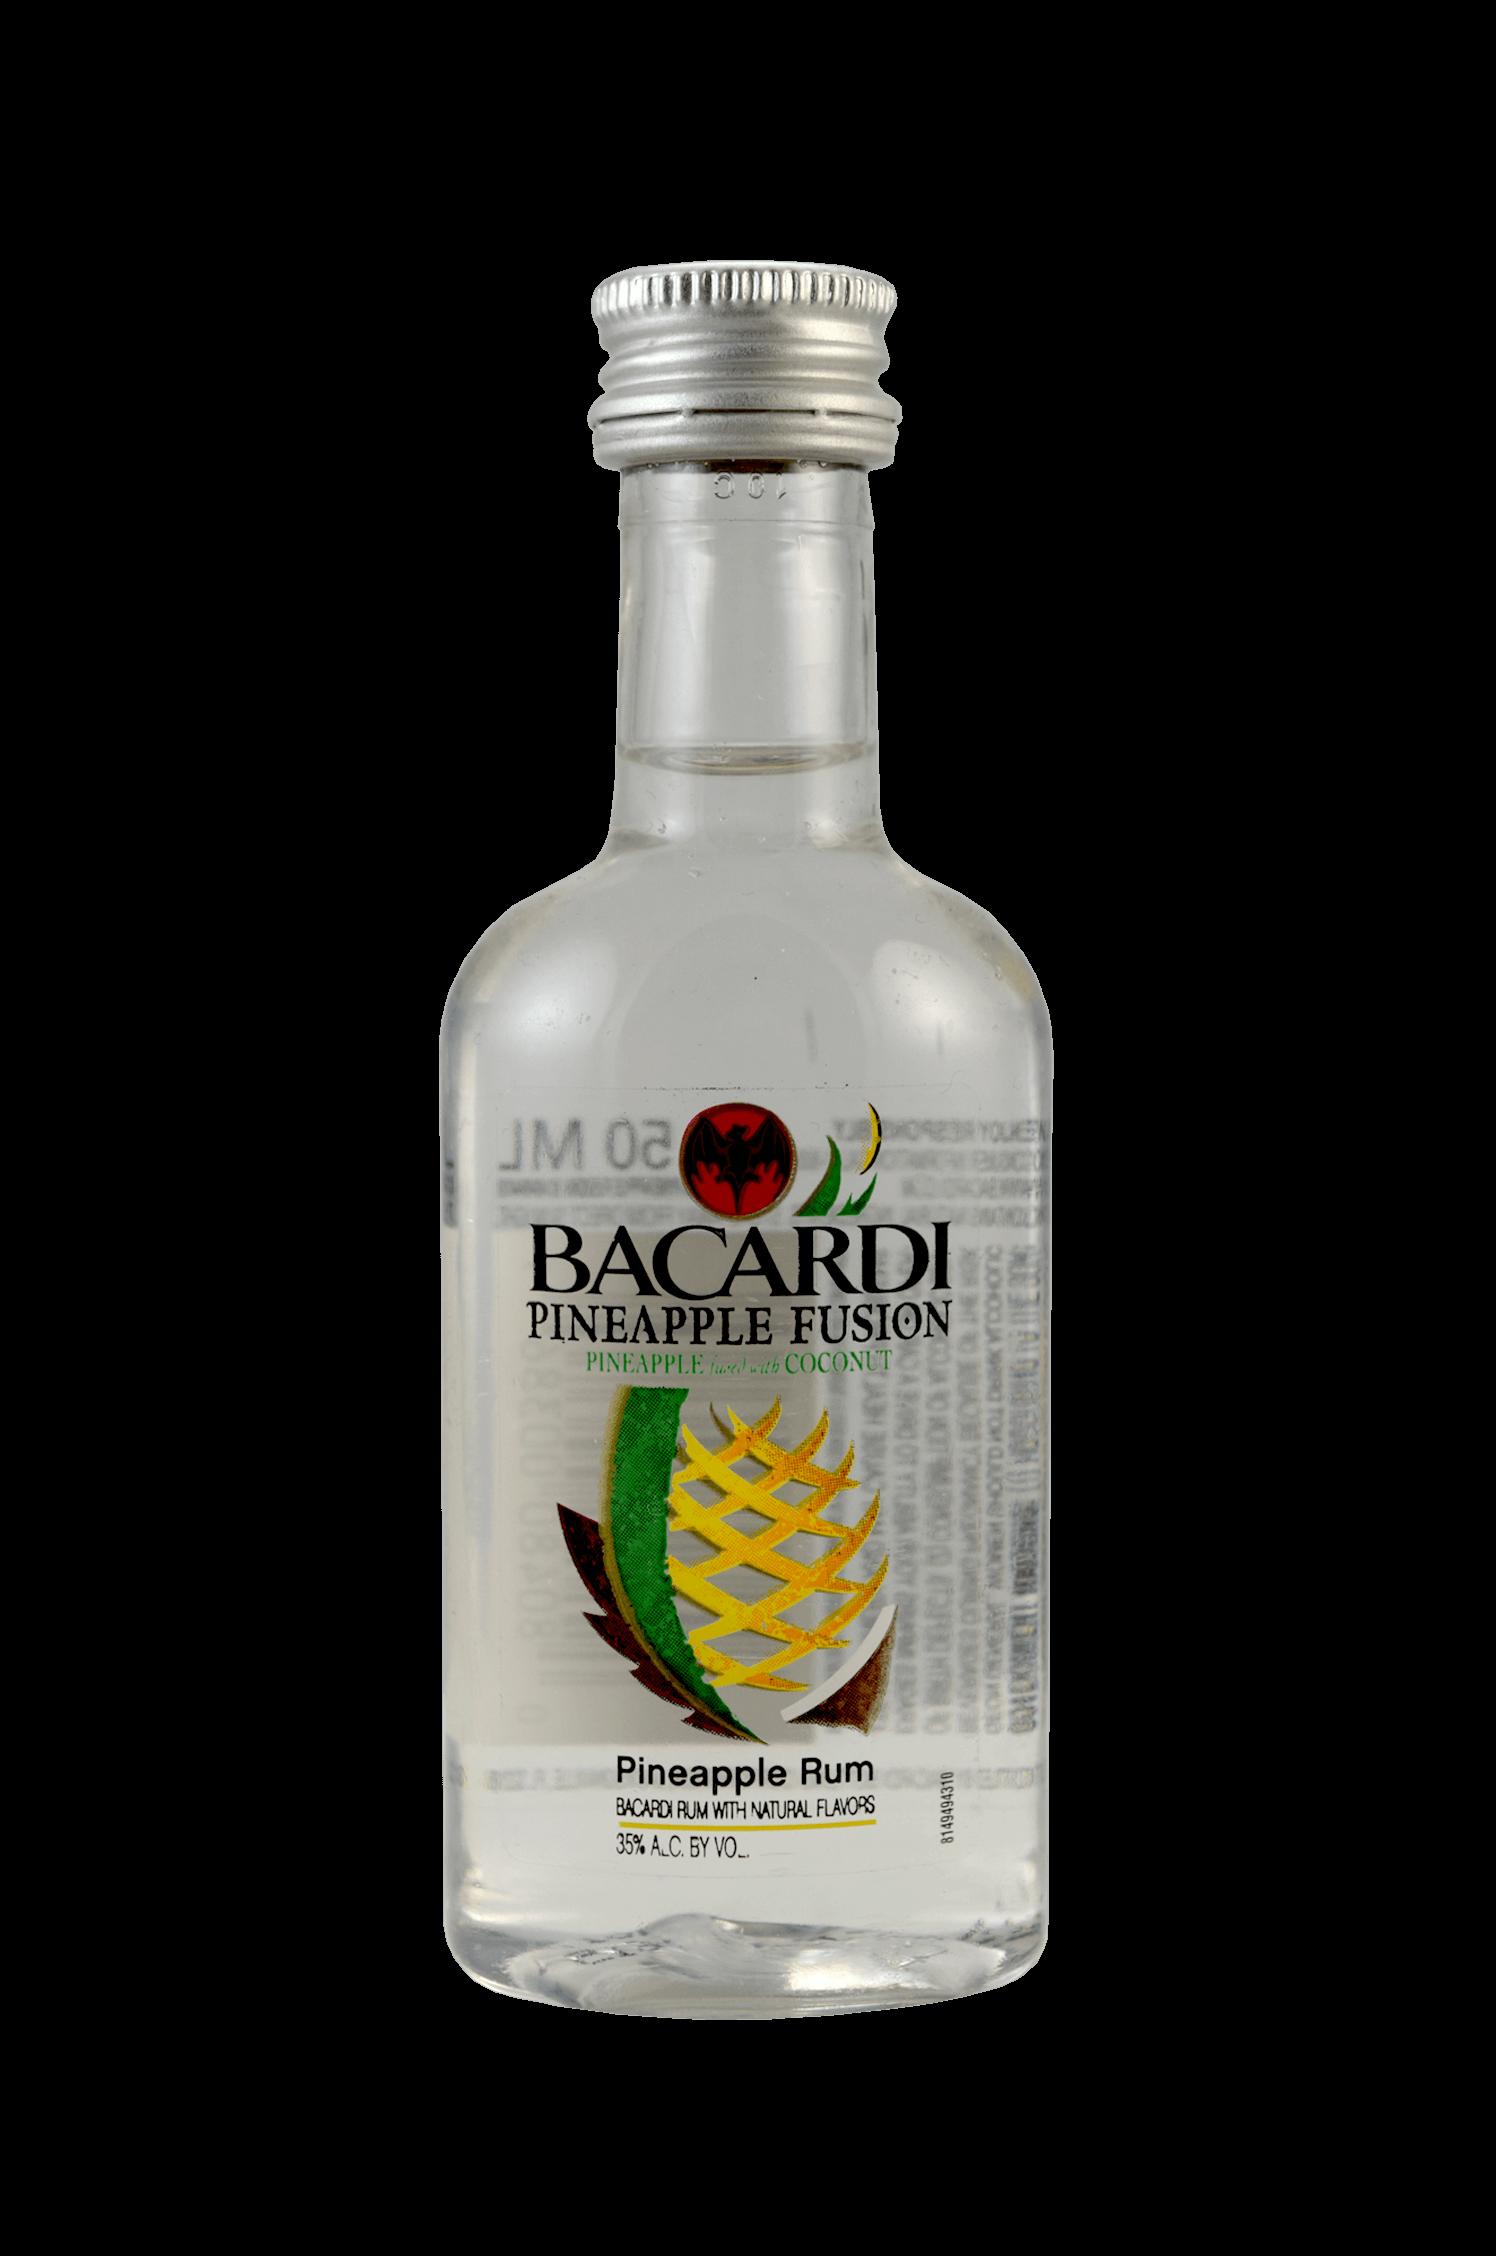 Bacardi Pineapple Fusion